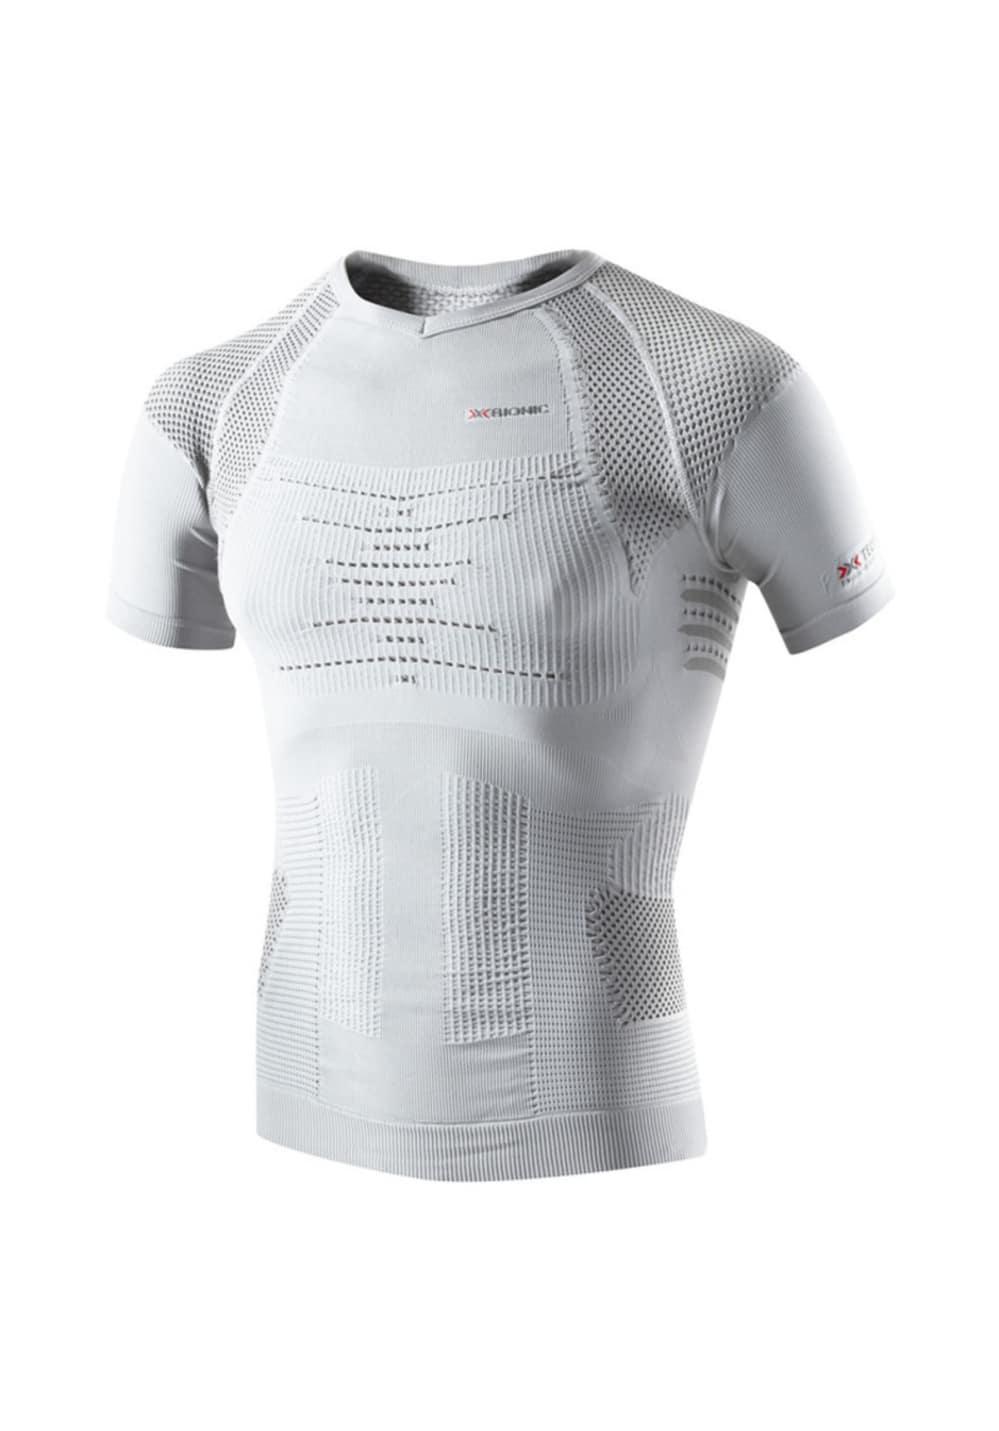 X-Bionic Trekking Summerlight Uw Shirt Sh_sl. - Laufshirts für Herren - Grau